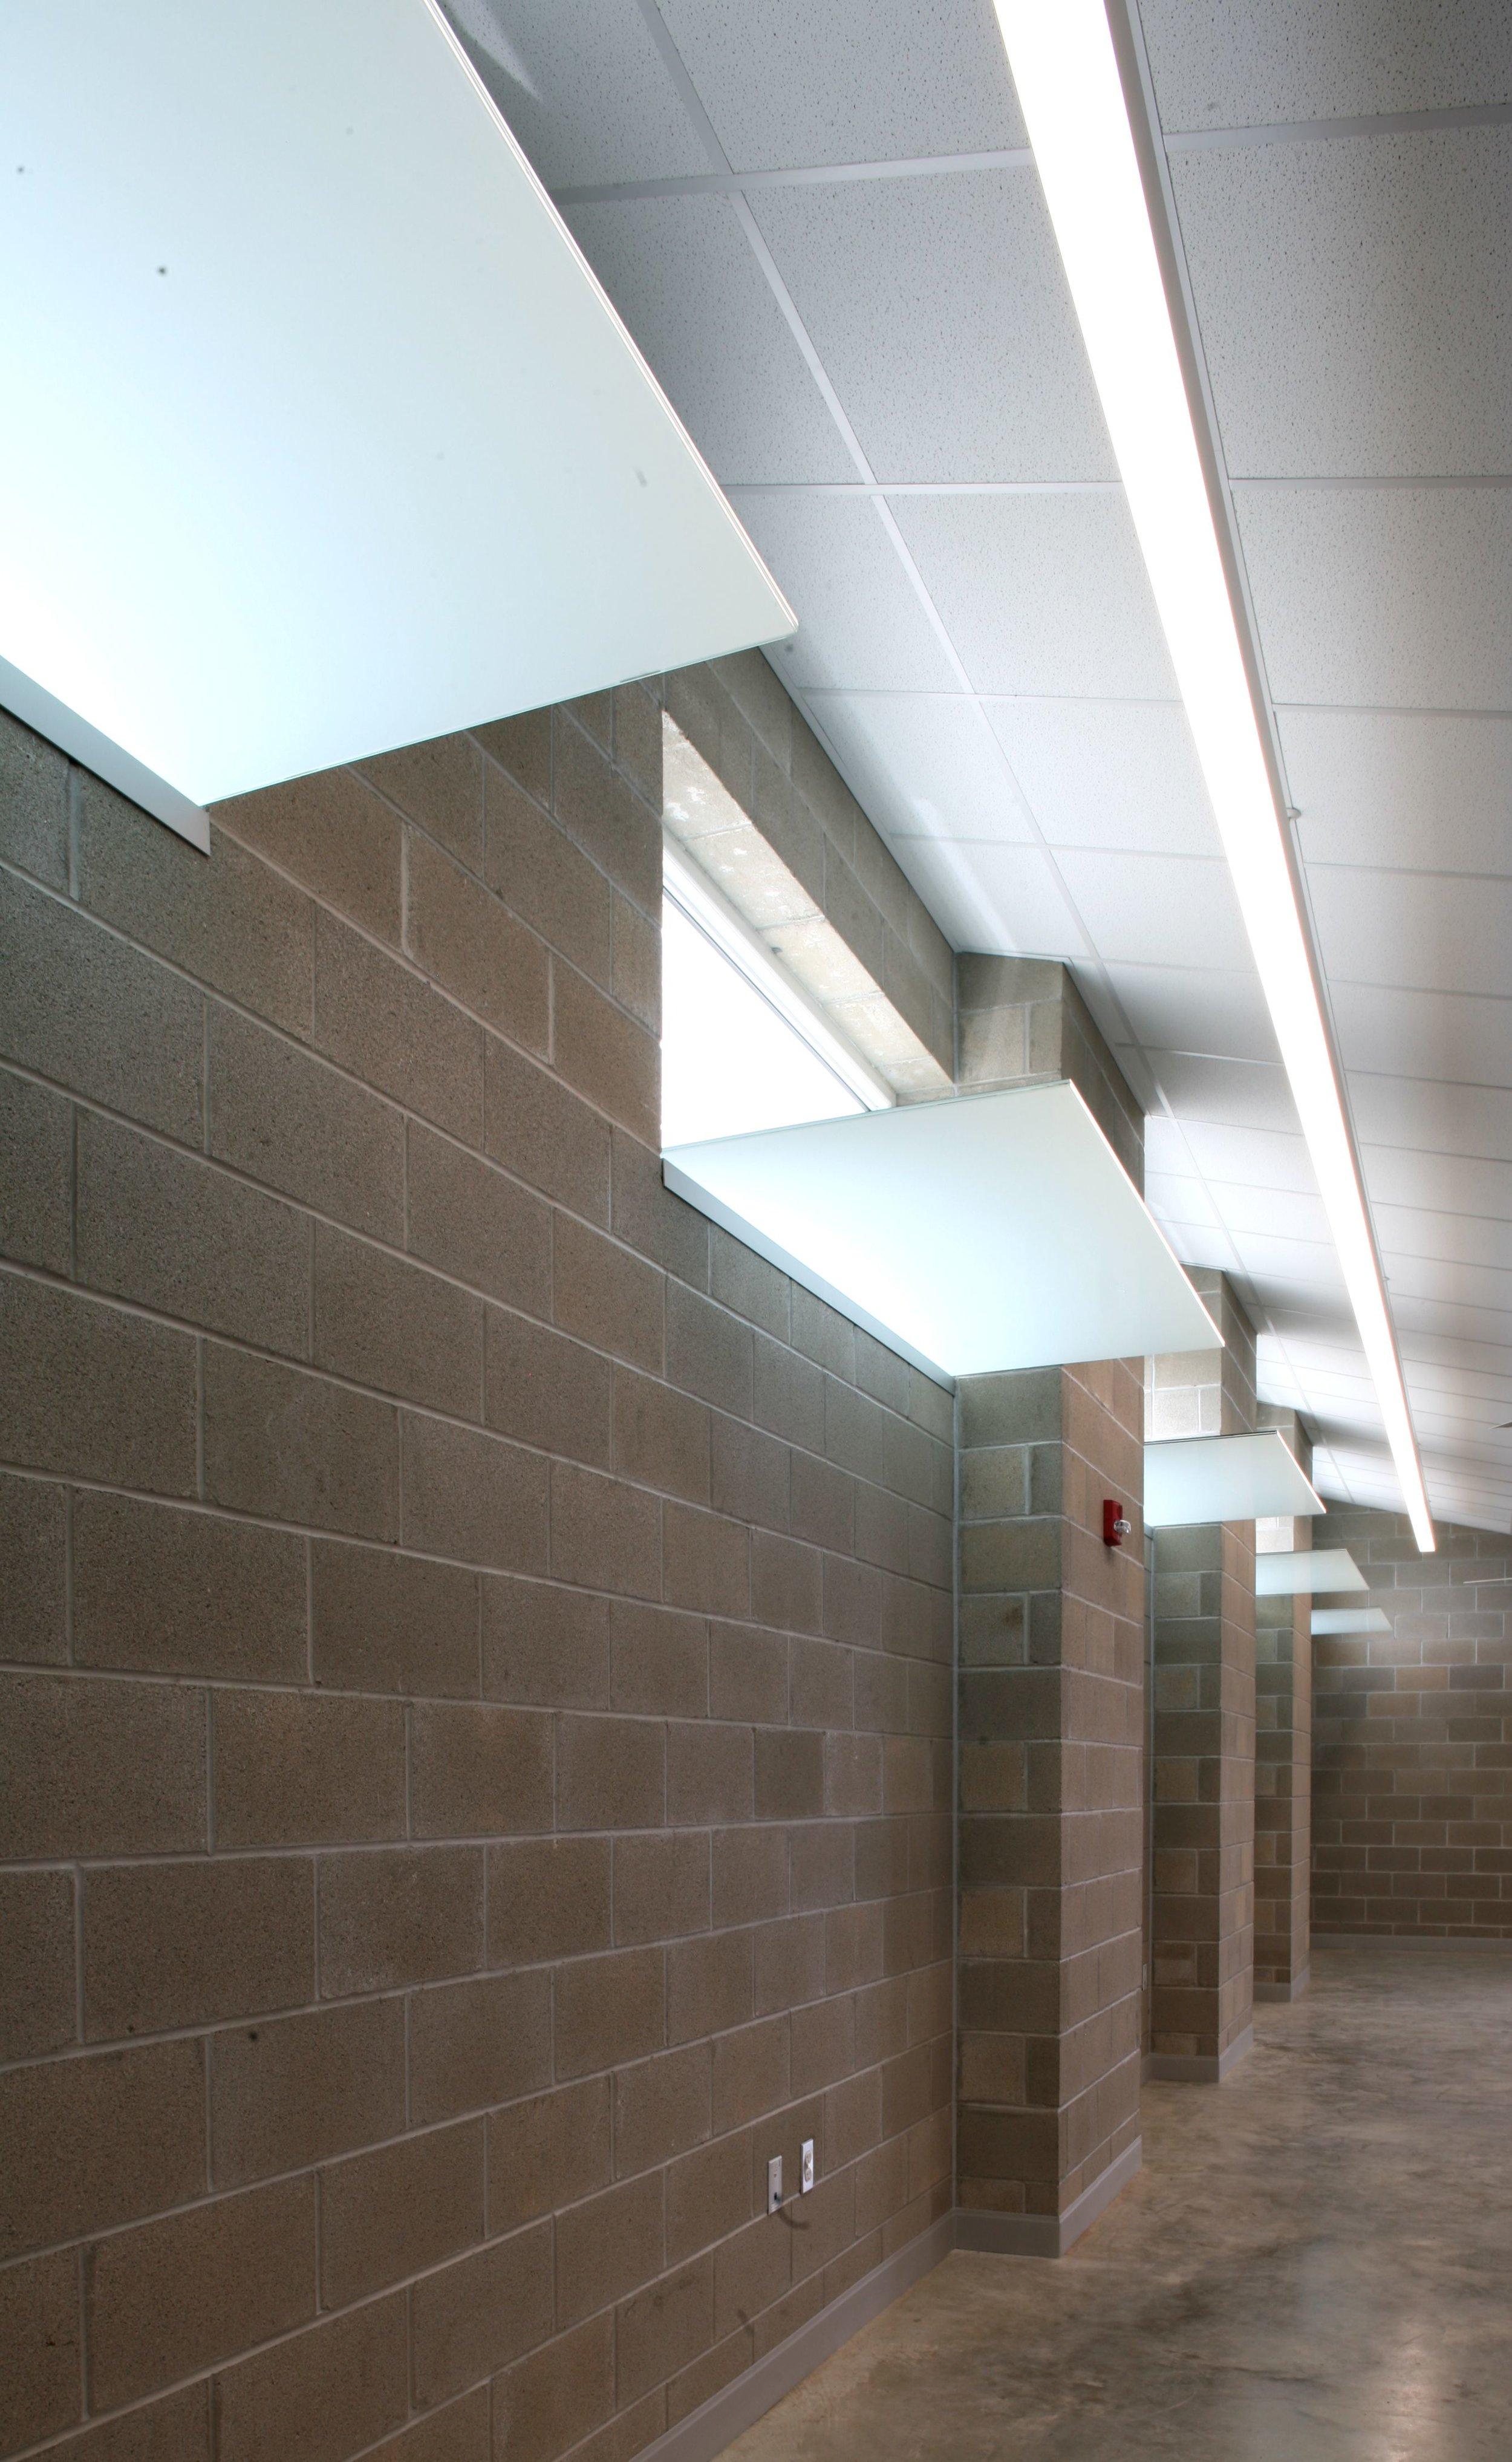 SPMWD light shelvesIMG_6708.jpg